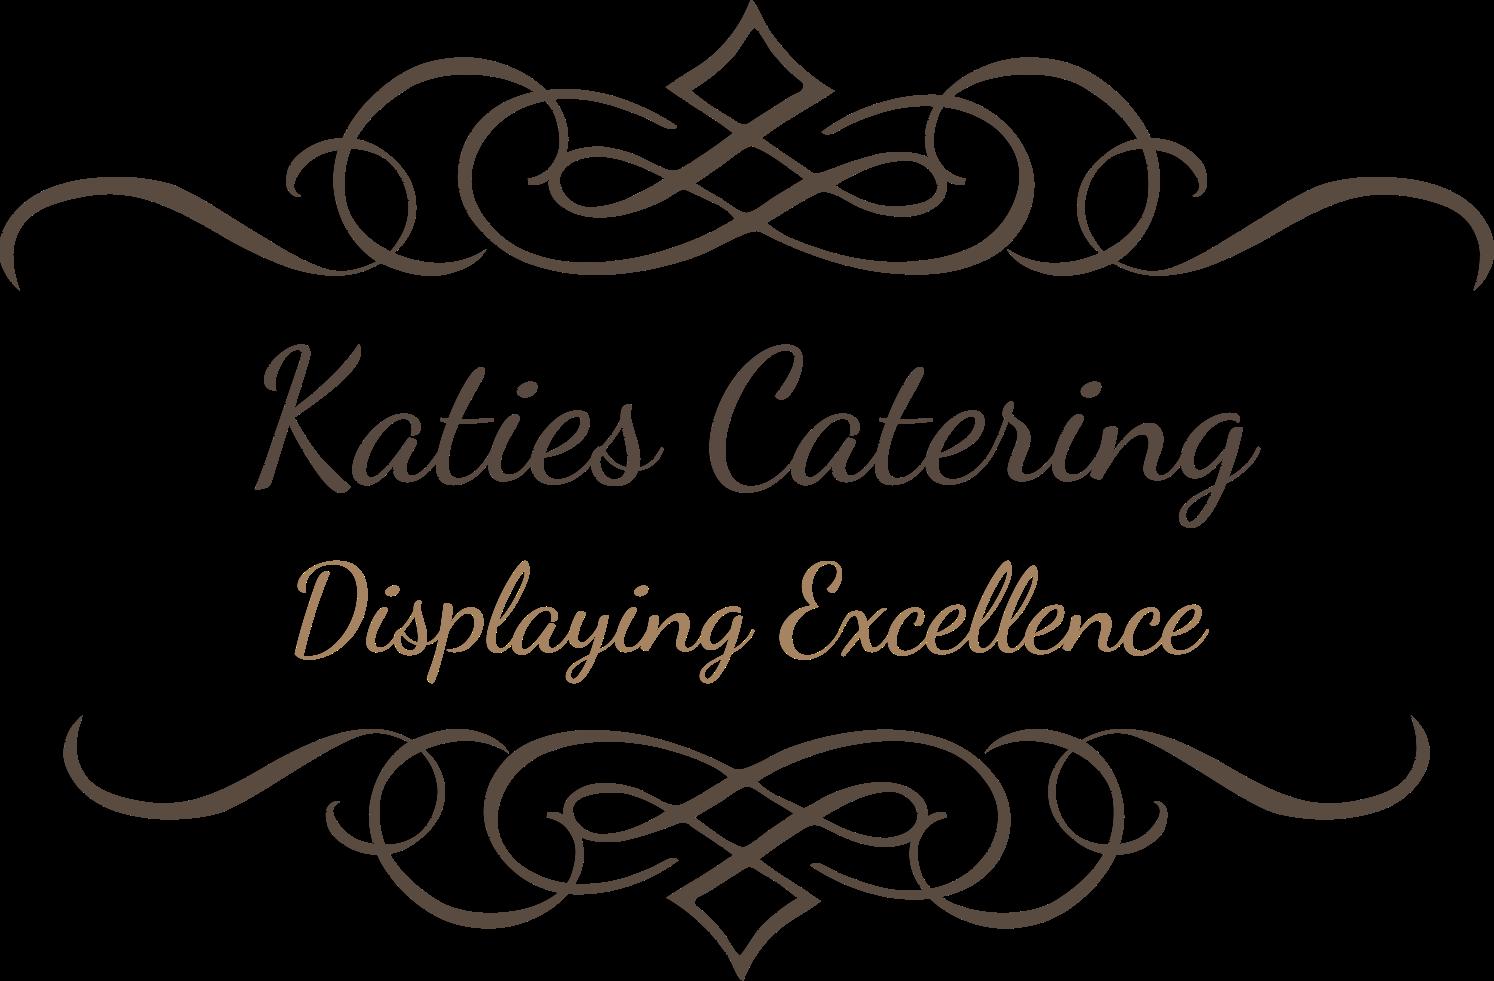 Katie's Catering